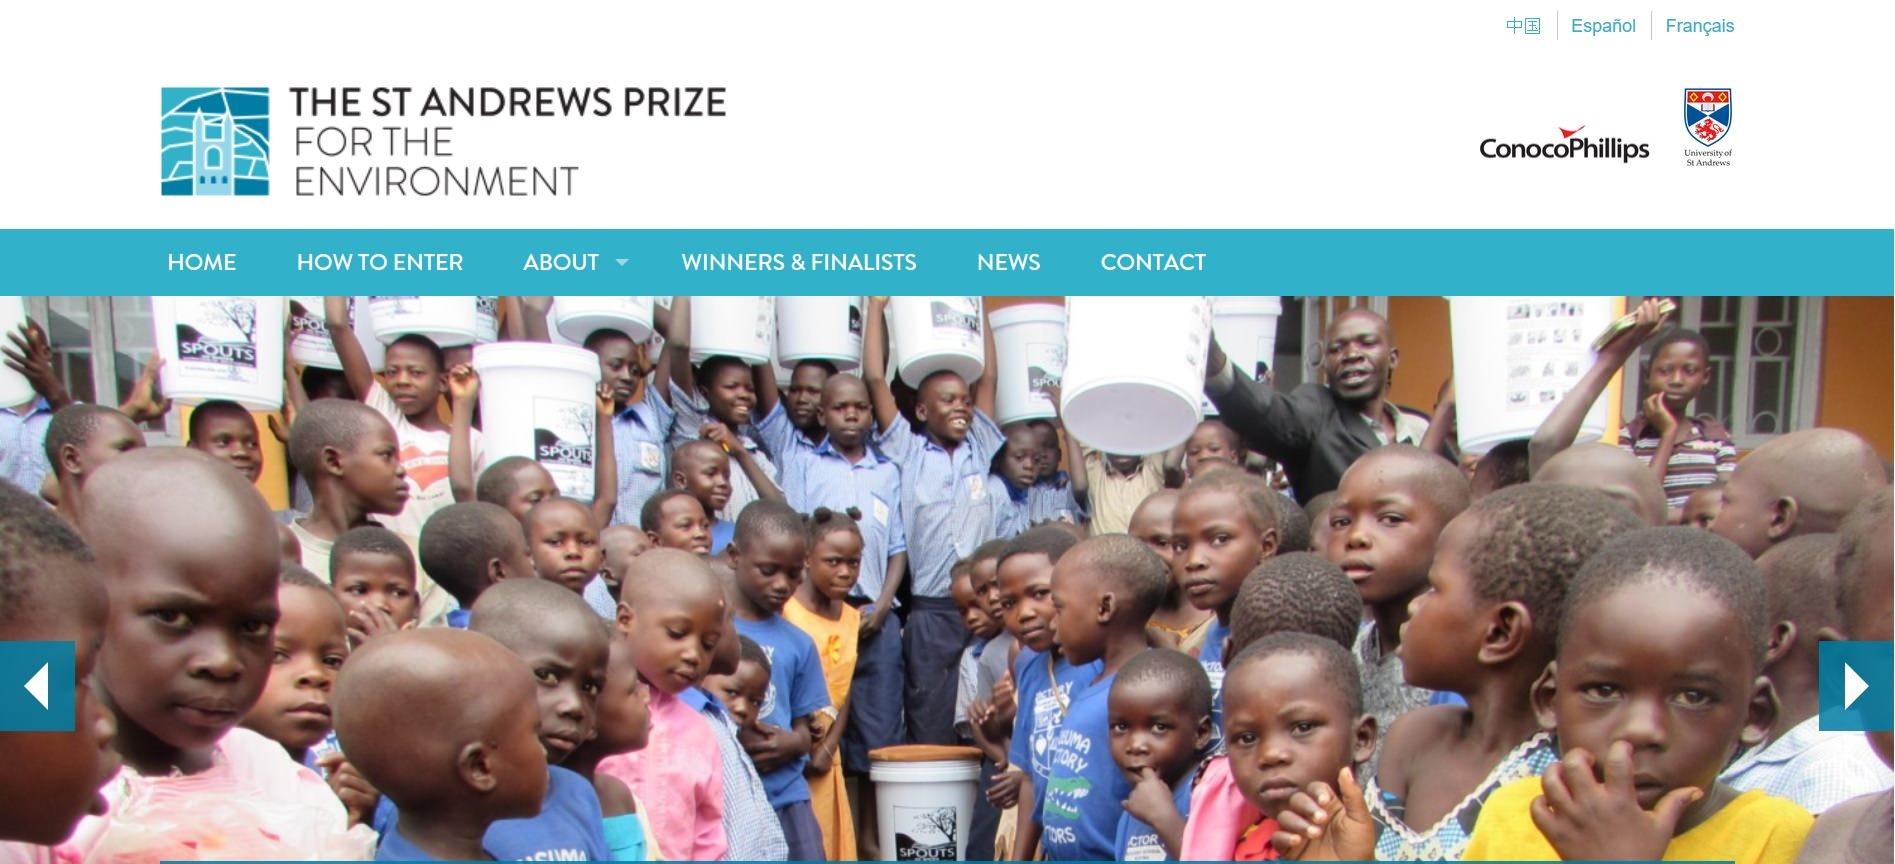 Screenshot of St Andrews Prize website